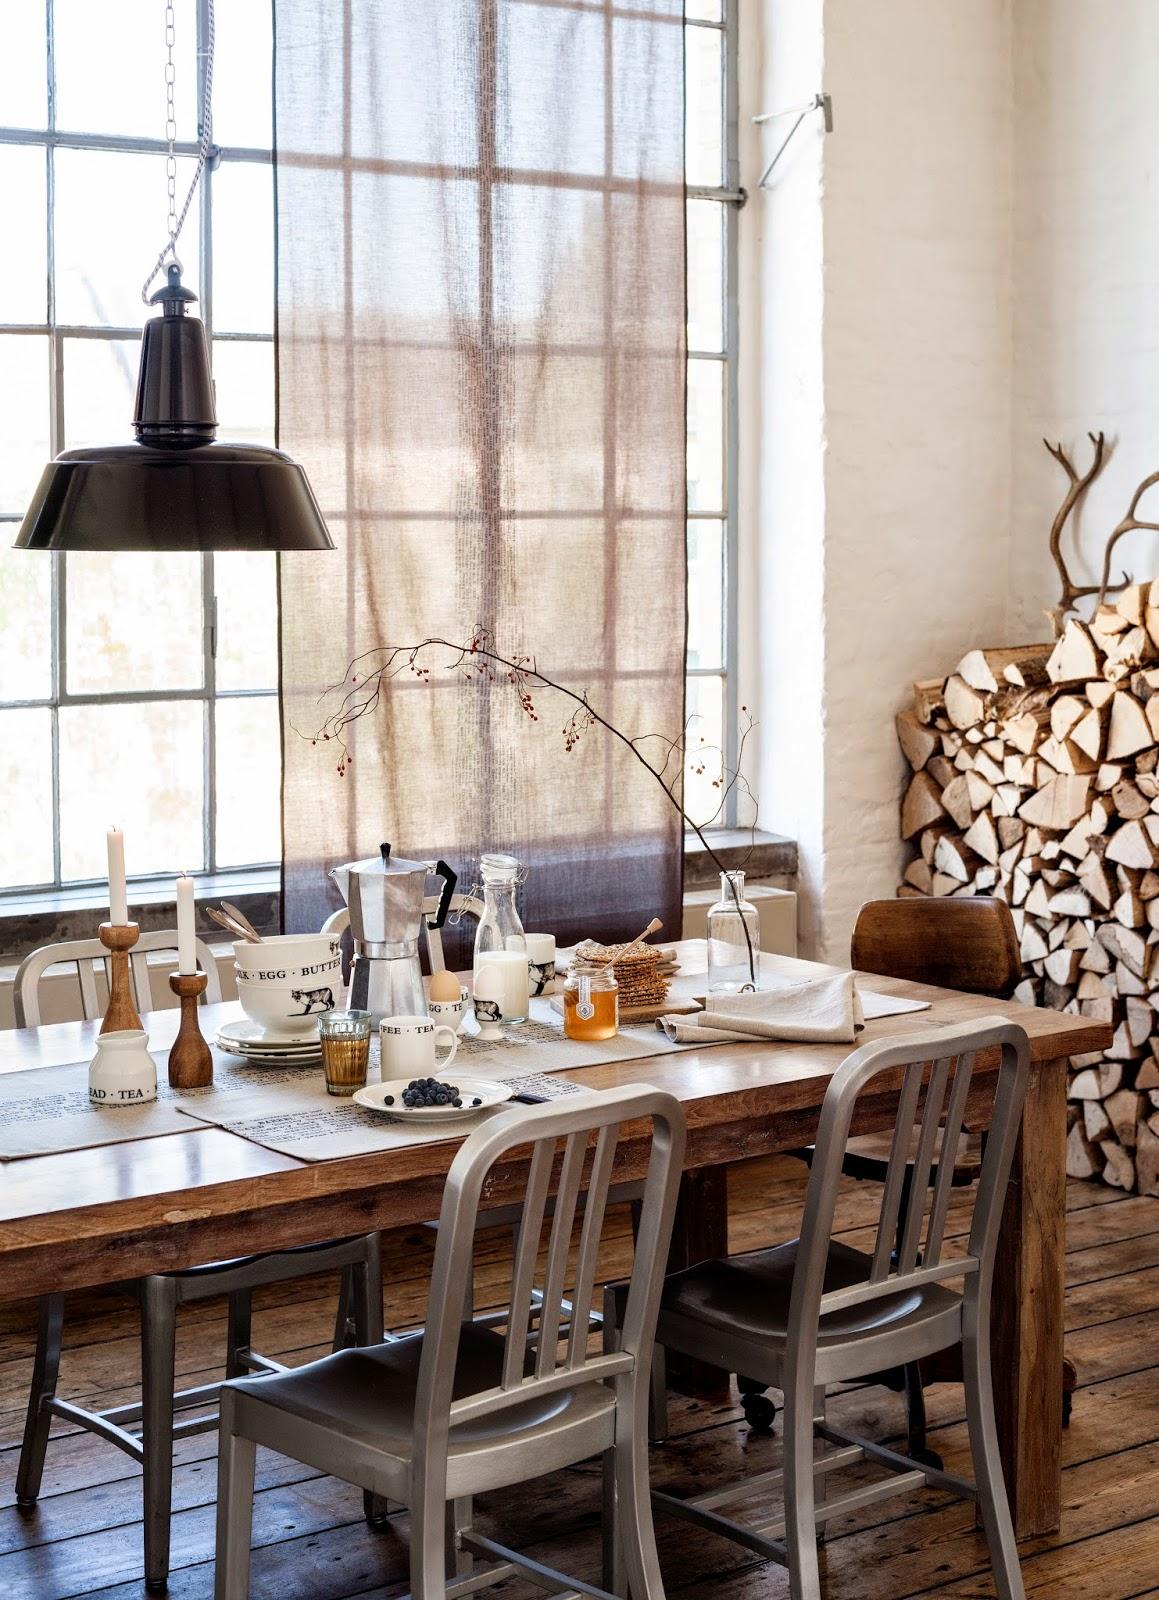 emma persson lagerberg h m home. Black Bedroom Furniture Sets. Home Design Ideas